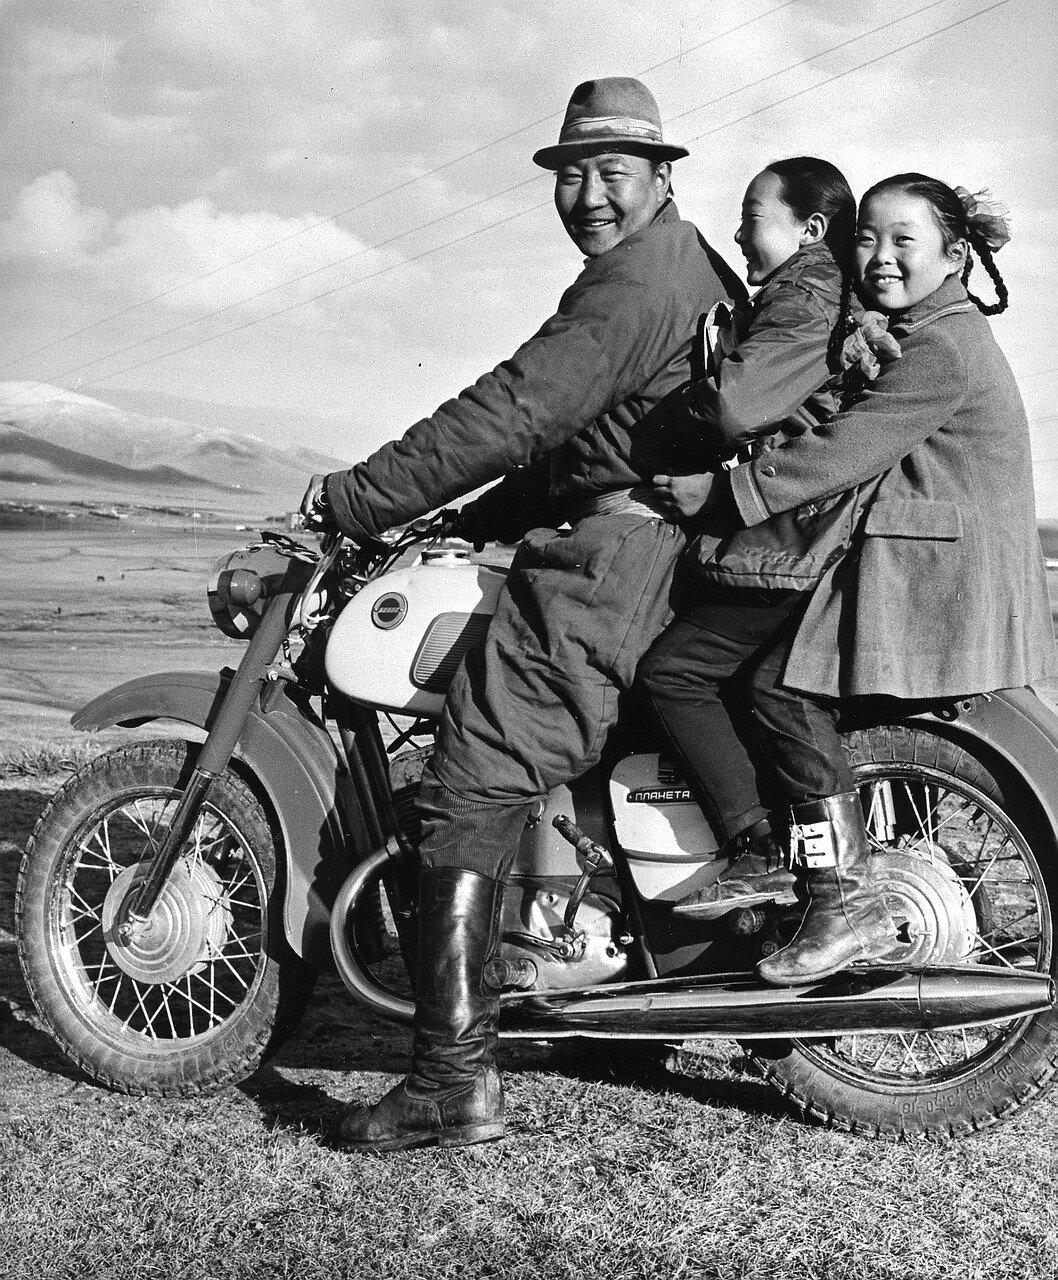 Поселок в степи. Отец с двумя дочерьми на мотоцикле